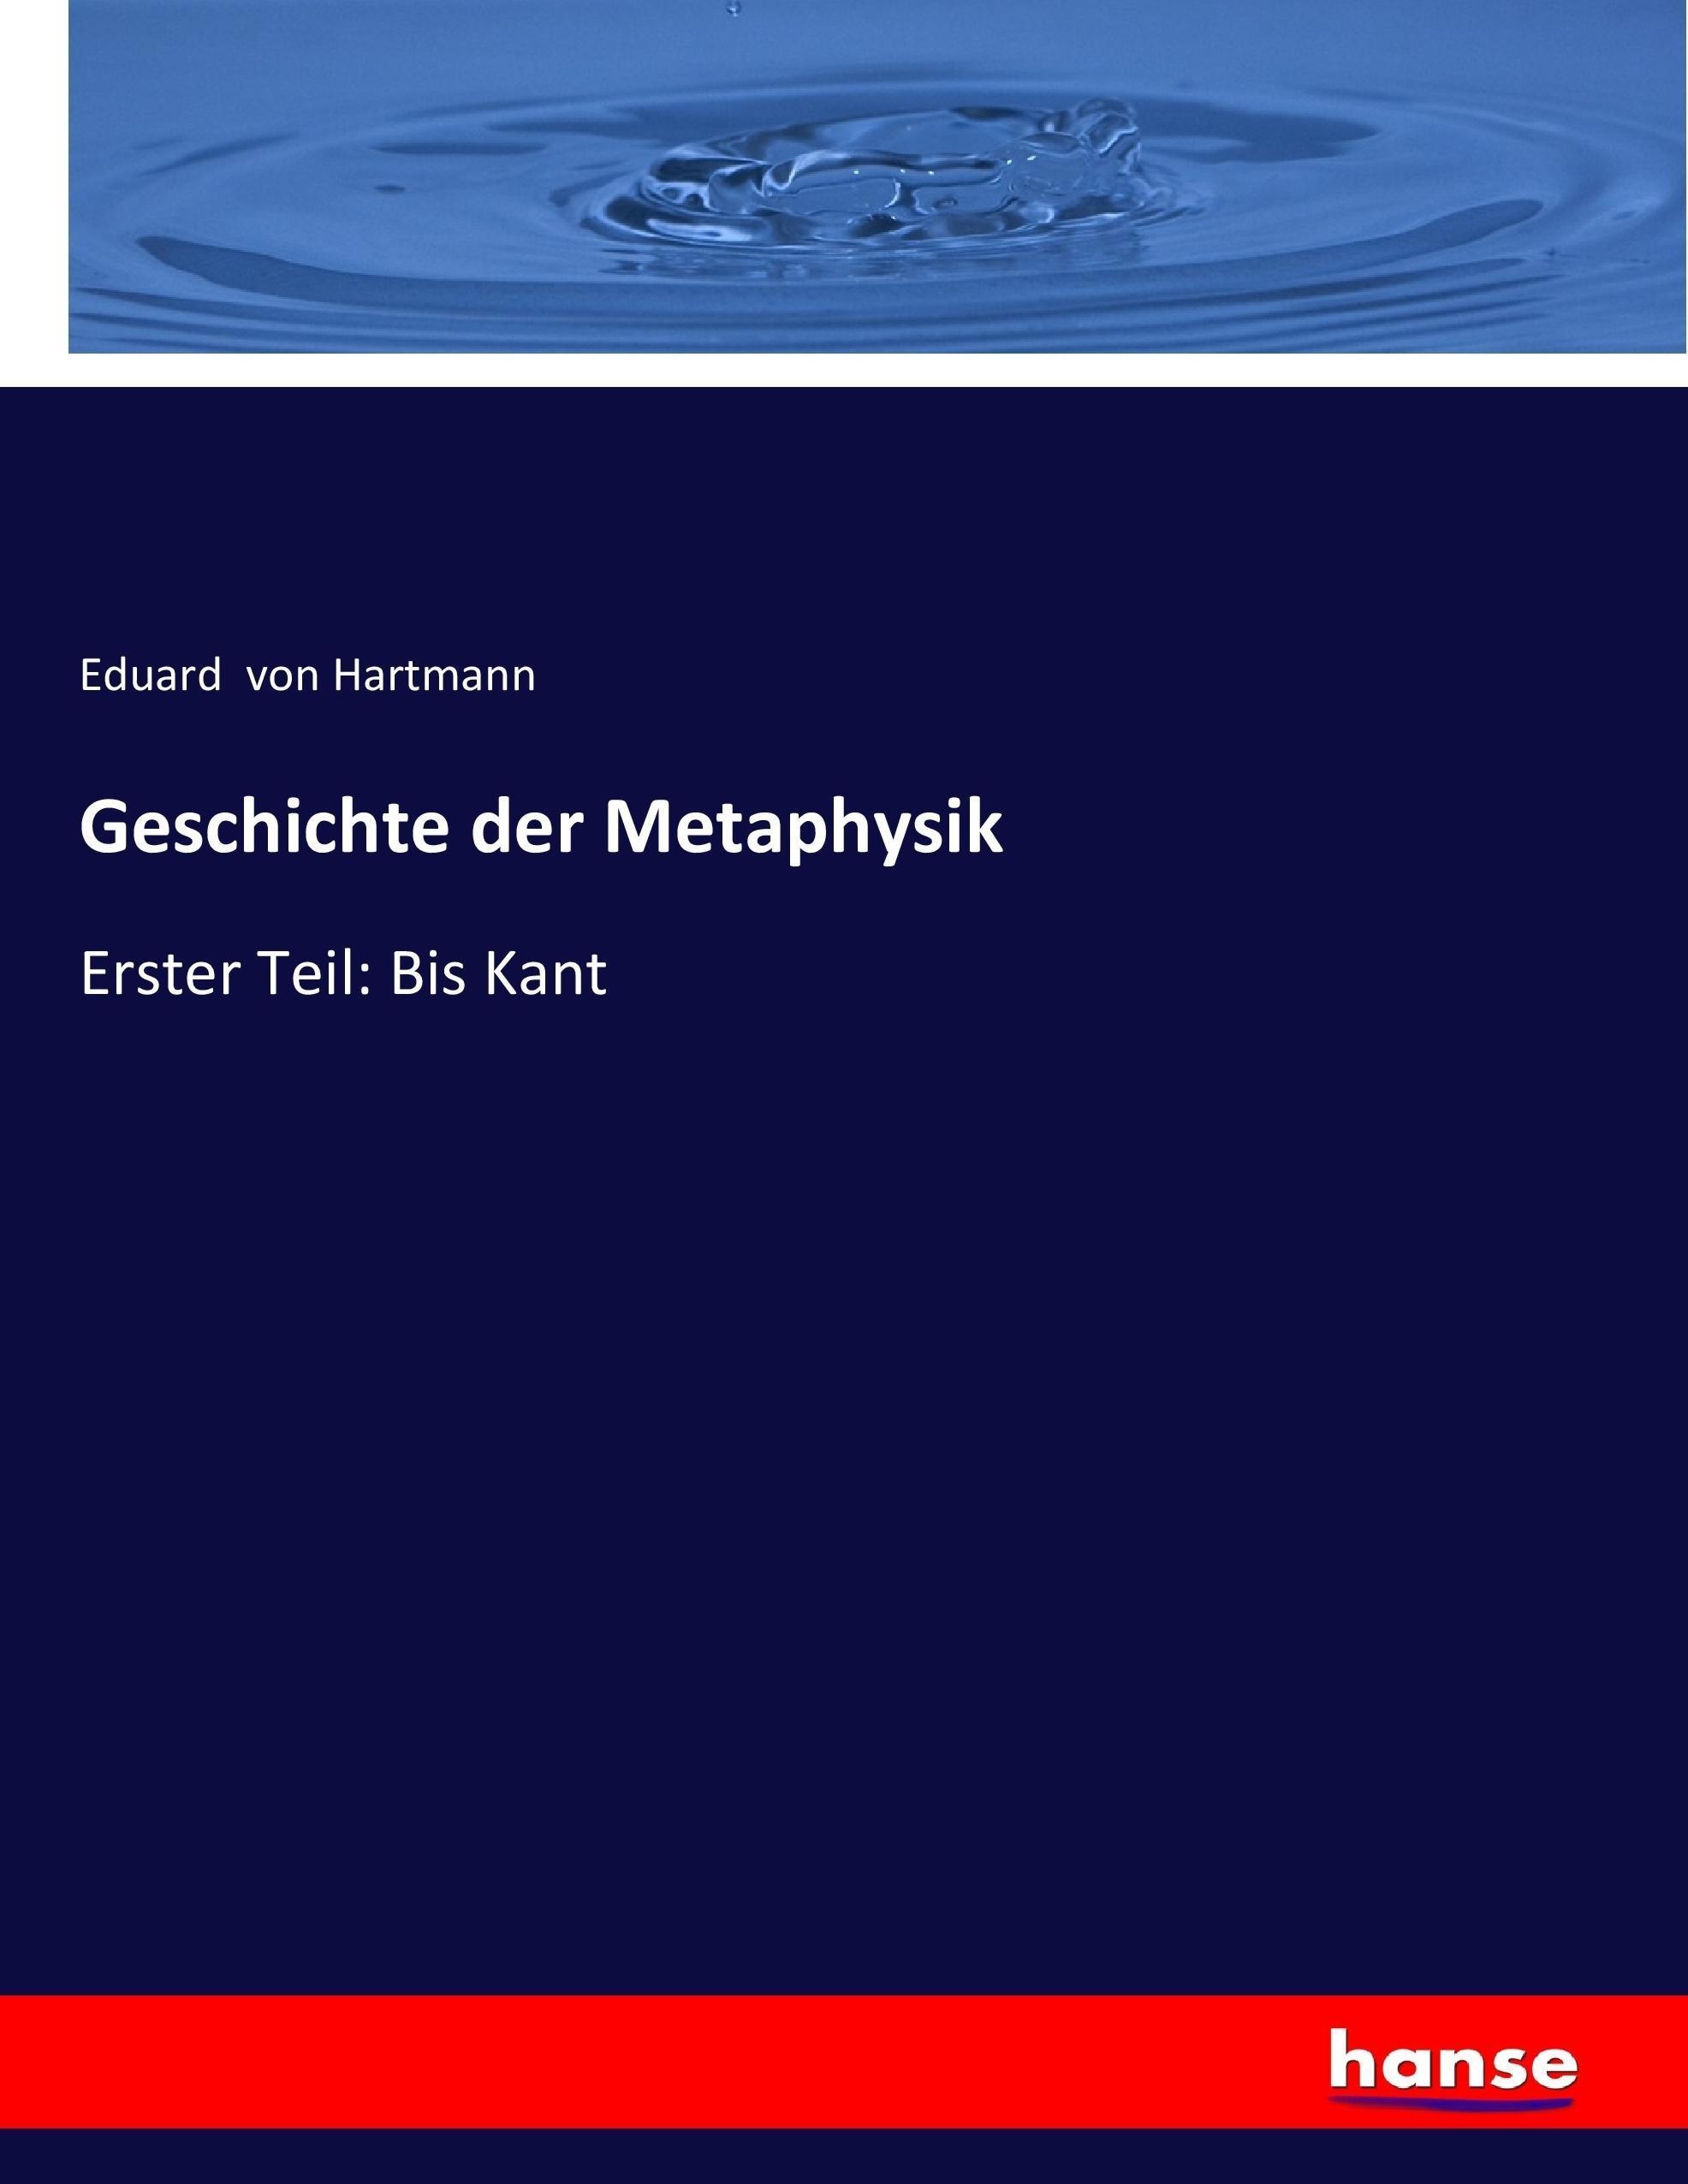 Geschichte-der-Metaphysik-Eduard-von-Hartmann